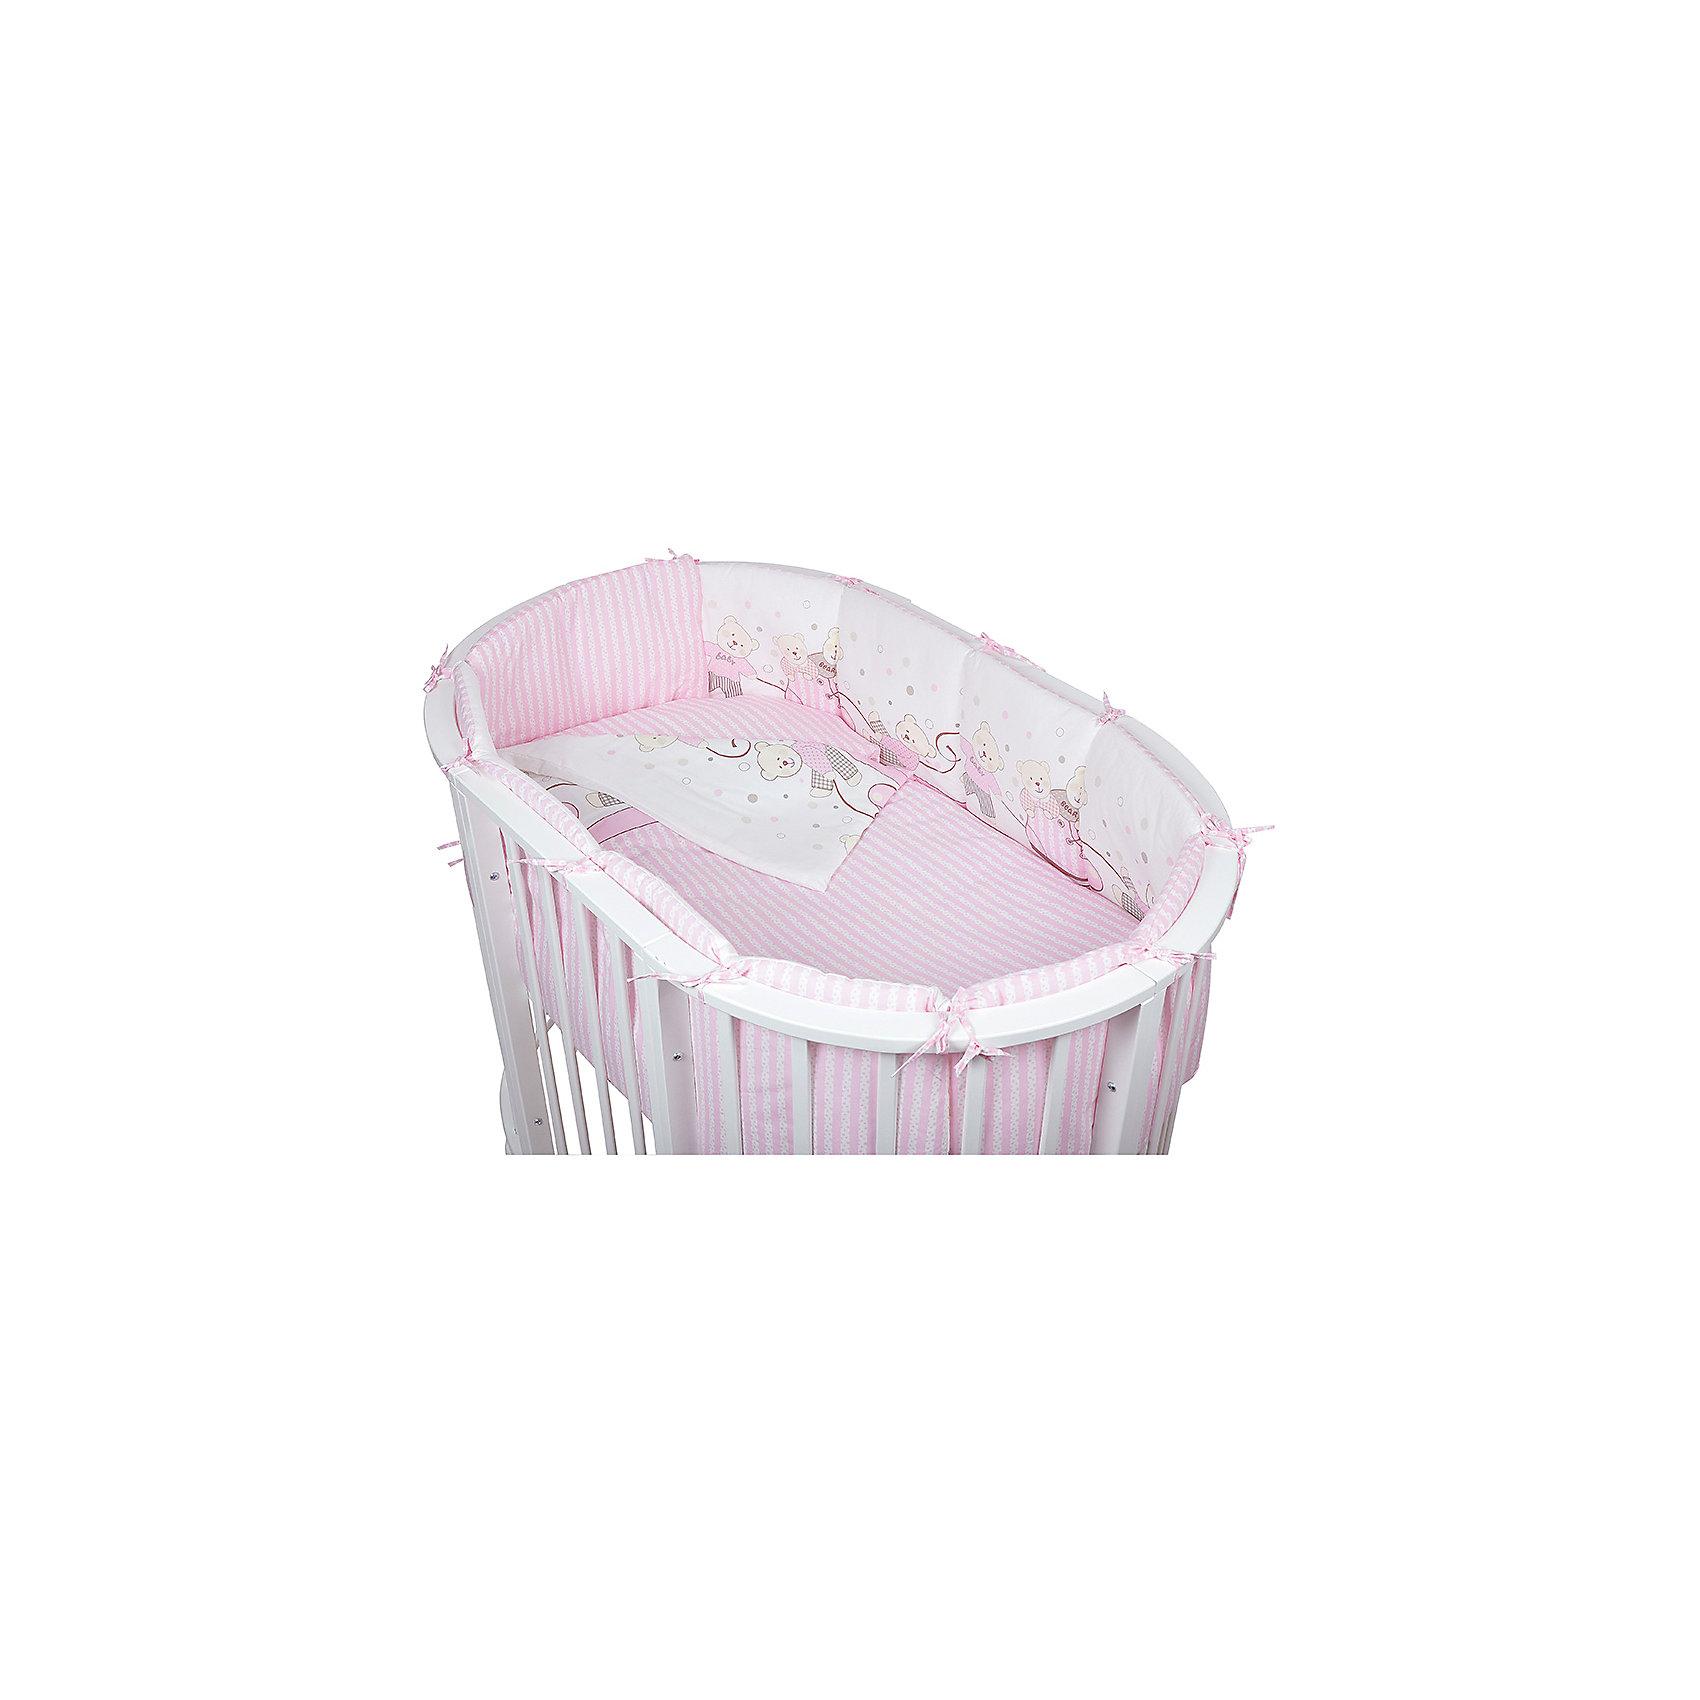 Постельное белье для овальной кроватки Мишки, 6 пред., Pituso, розовыйПостельное бельё<br>PITUSO Комплект для овальной кроватки МИШКИ 6 пр. Розовый<br><br>Ширина мм: 590<br>Глубина мм: 450<br>Высота мм: 280<br>Вес г: 2800<br>Возраст от месяцев: 0<br>Возраст до месяцев: 36<br>Пол: Унисекс<br>Возраст: Детский<br>SKU: 5563669